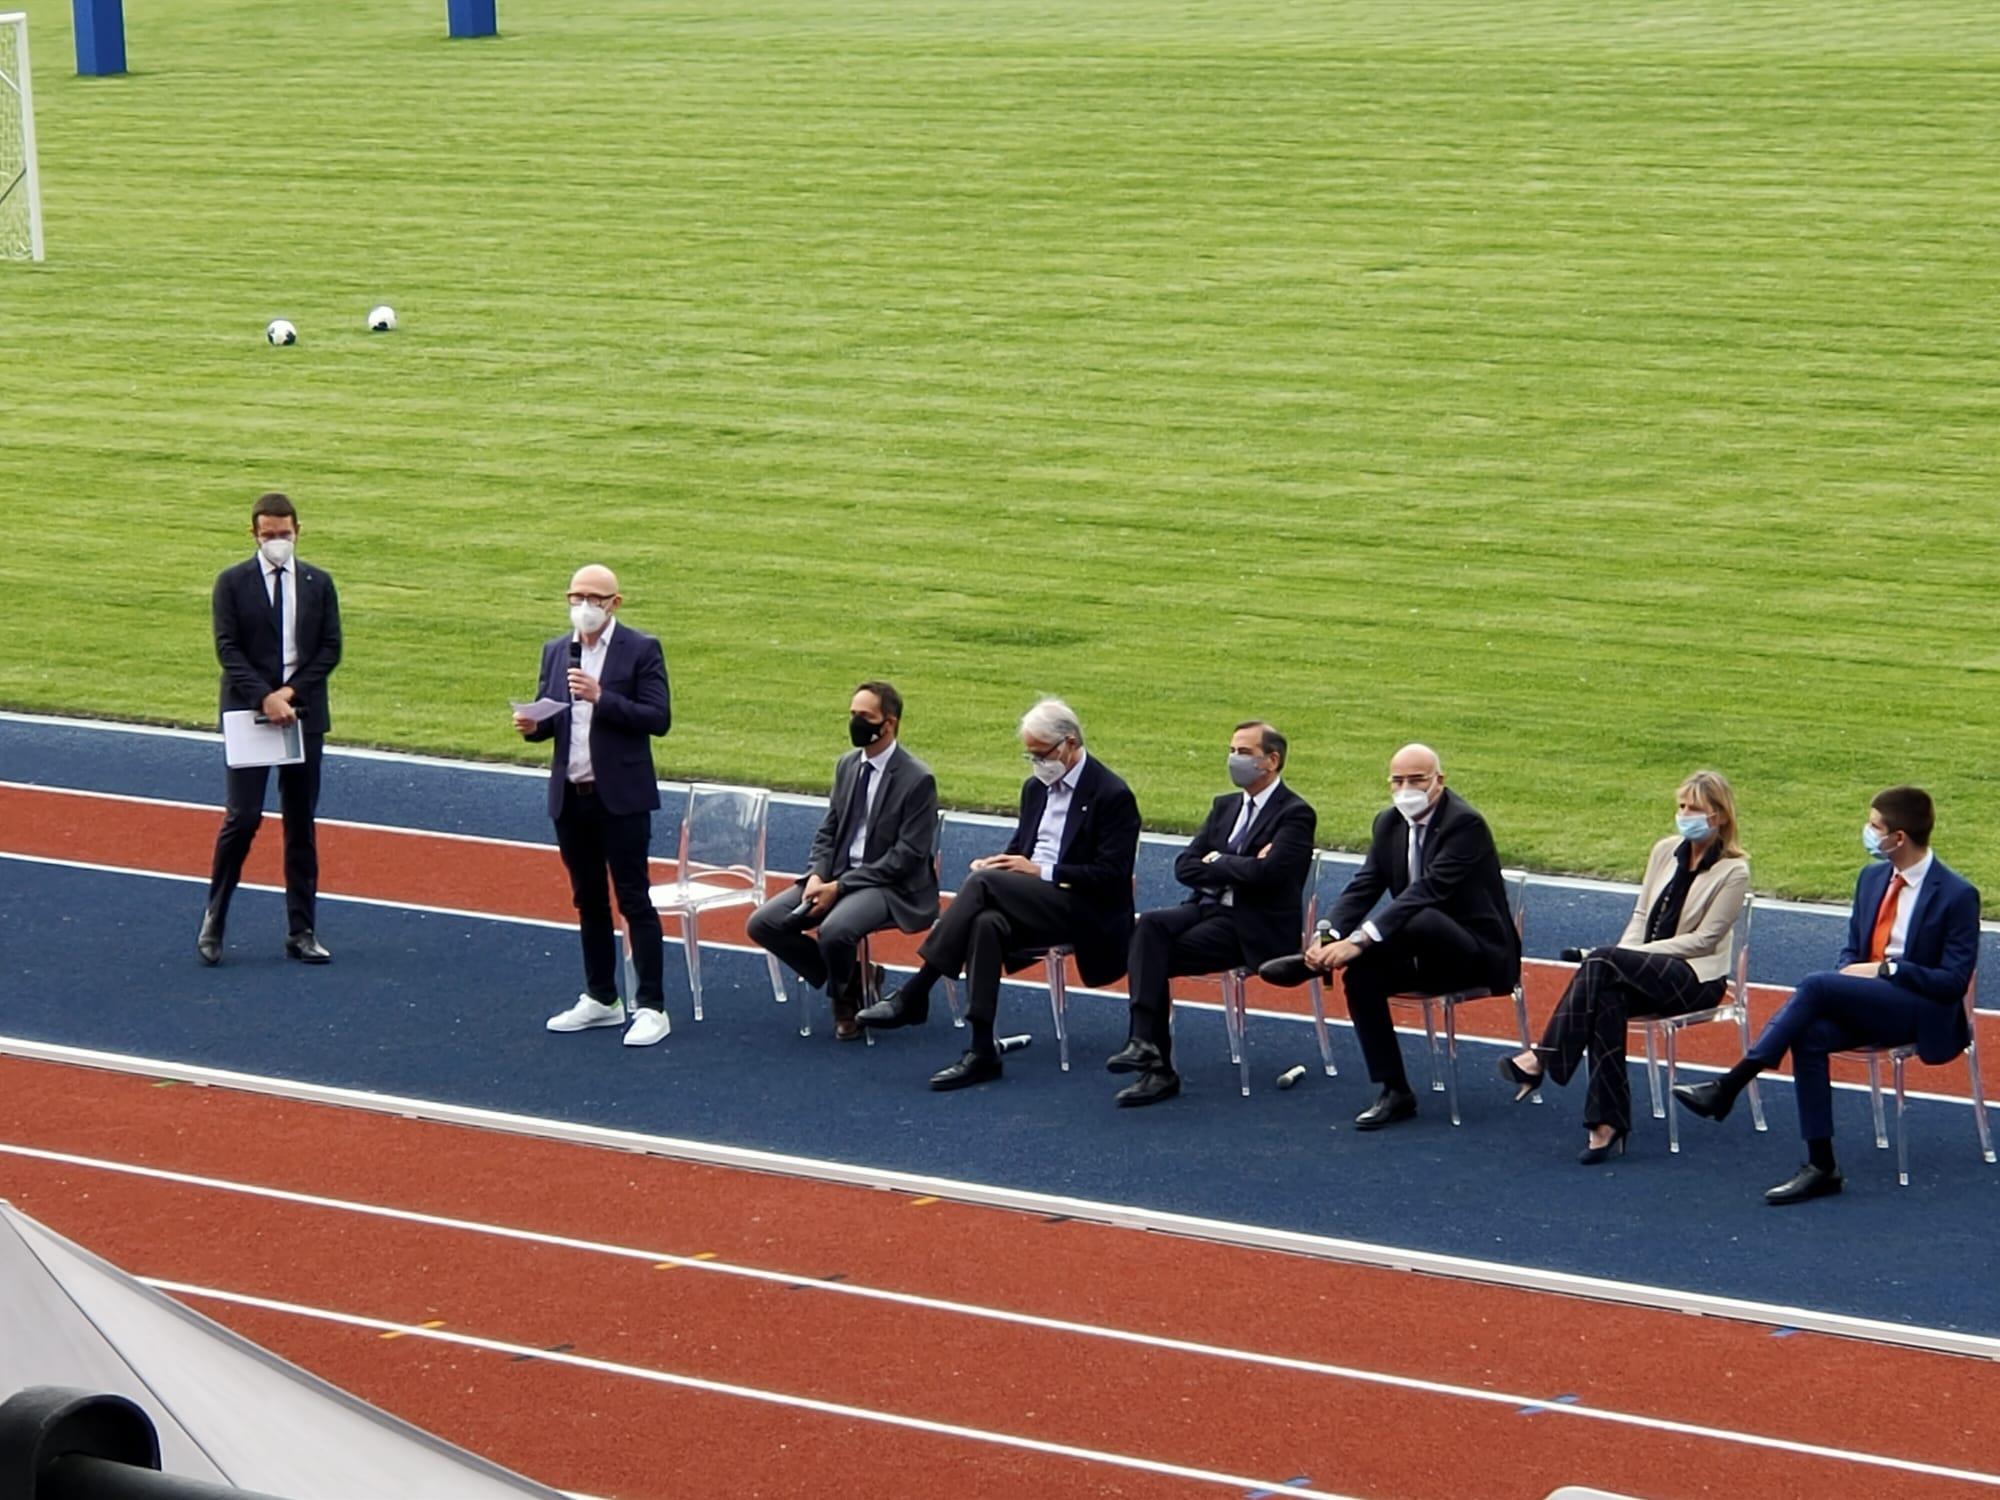 L'inaugurazione del Centro sportivo Giuriati nel Campus Leonardo del Politecnico